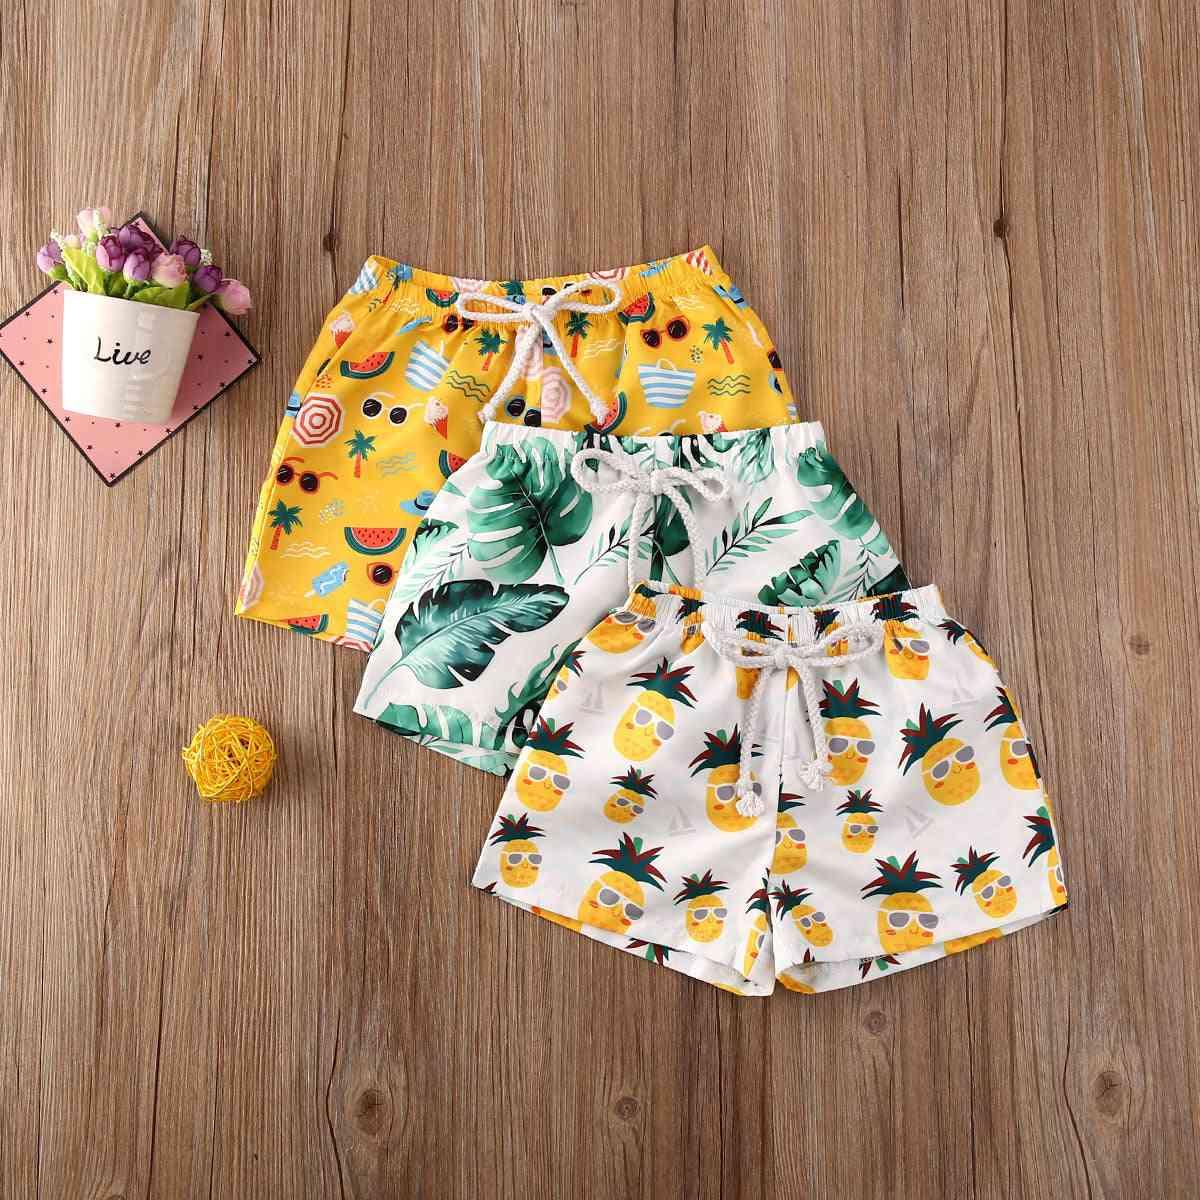 Summer Toddler Beach Swimwear Shorts